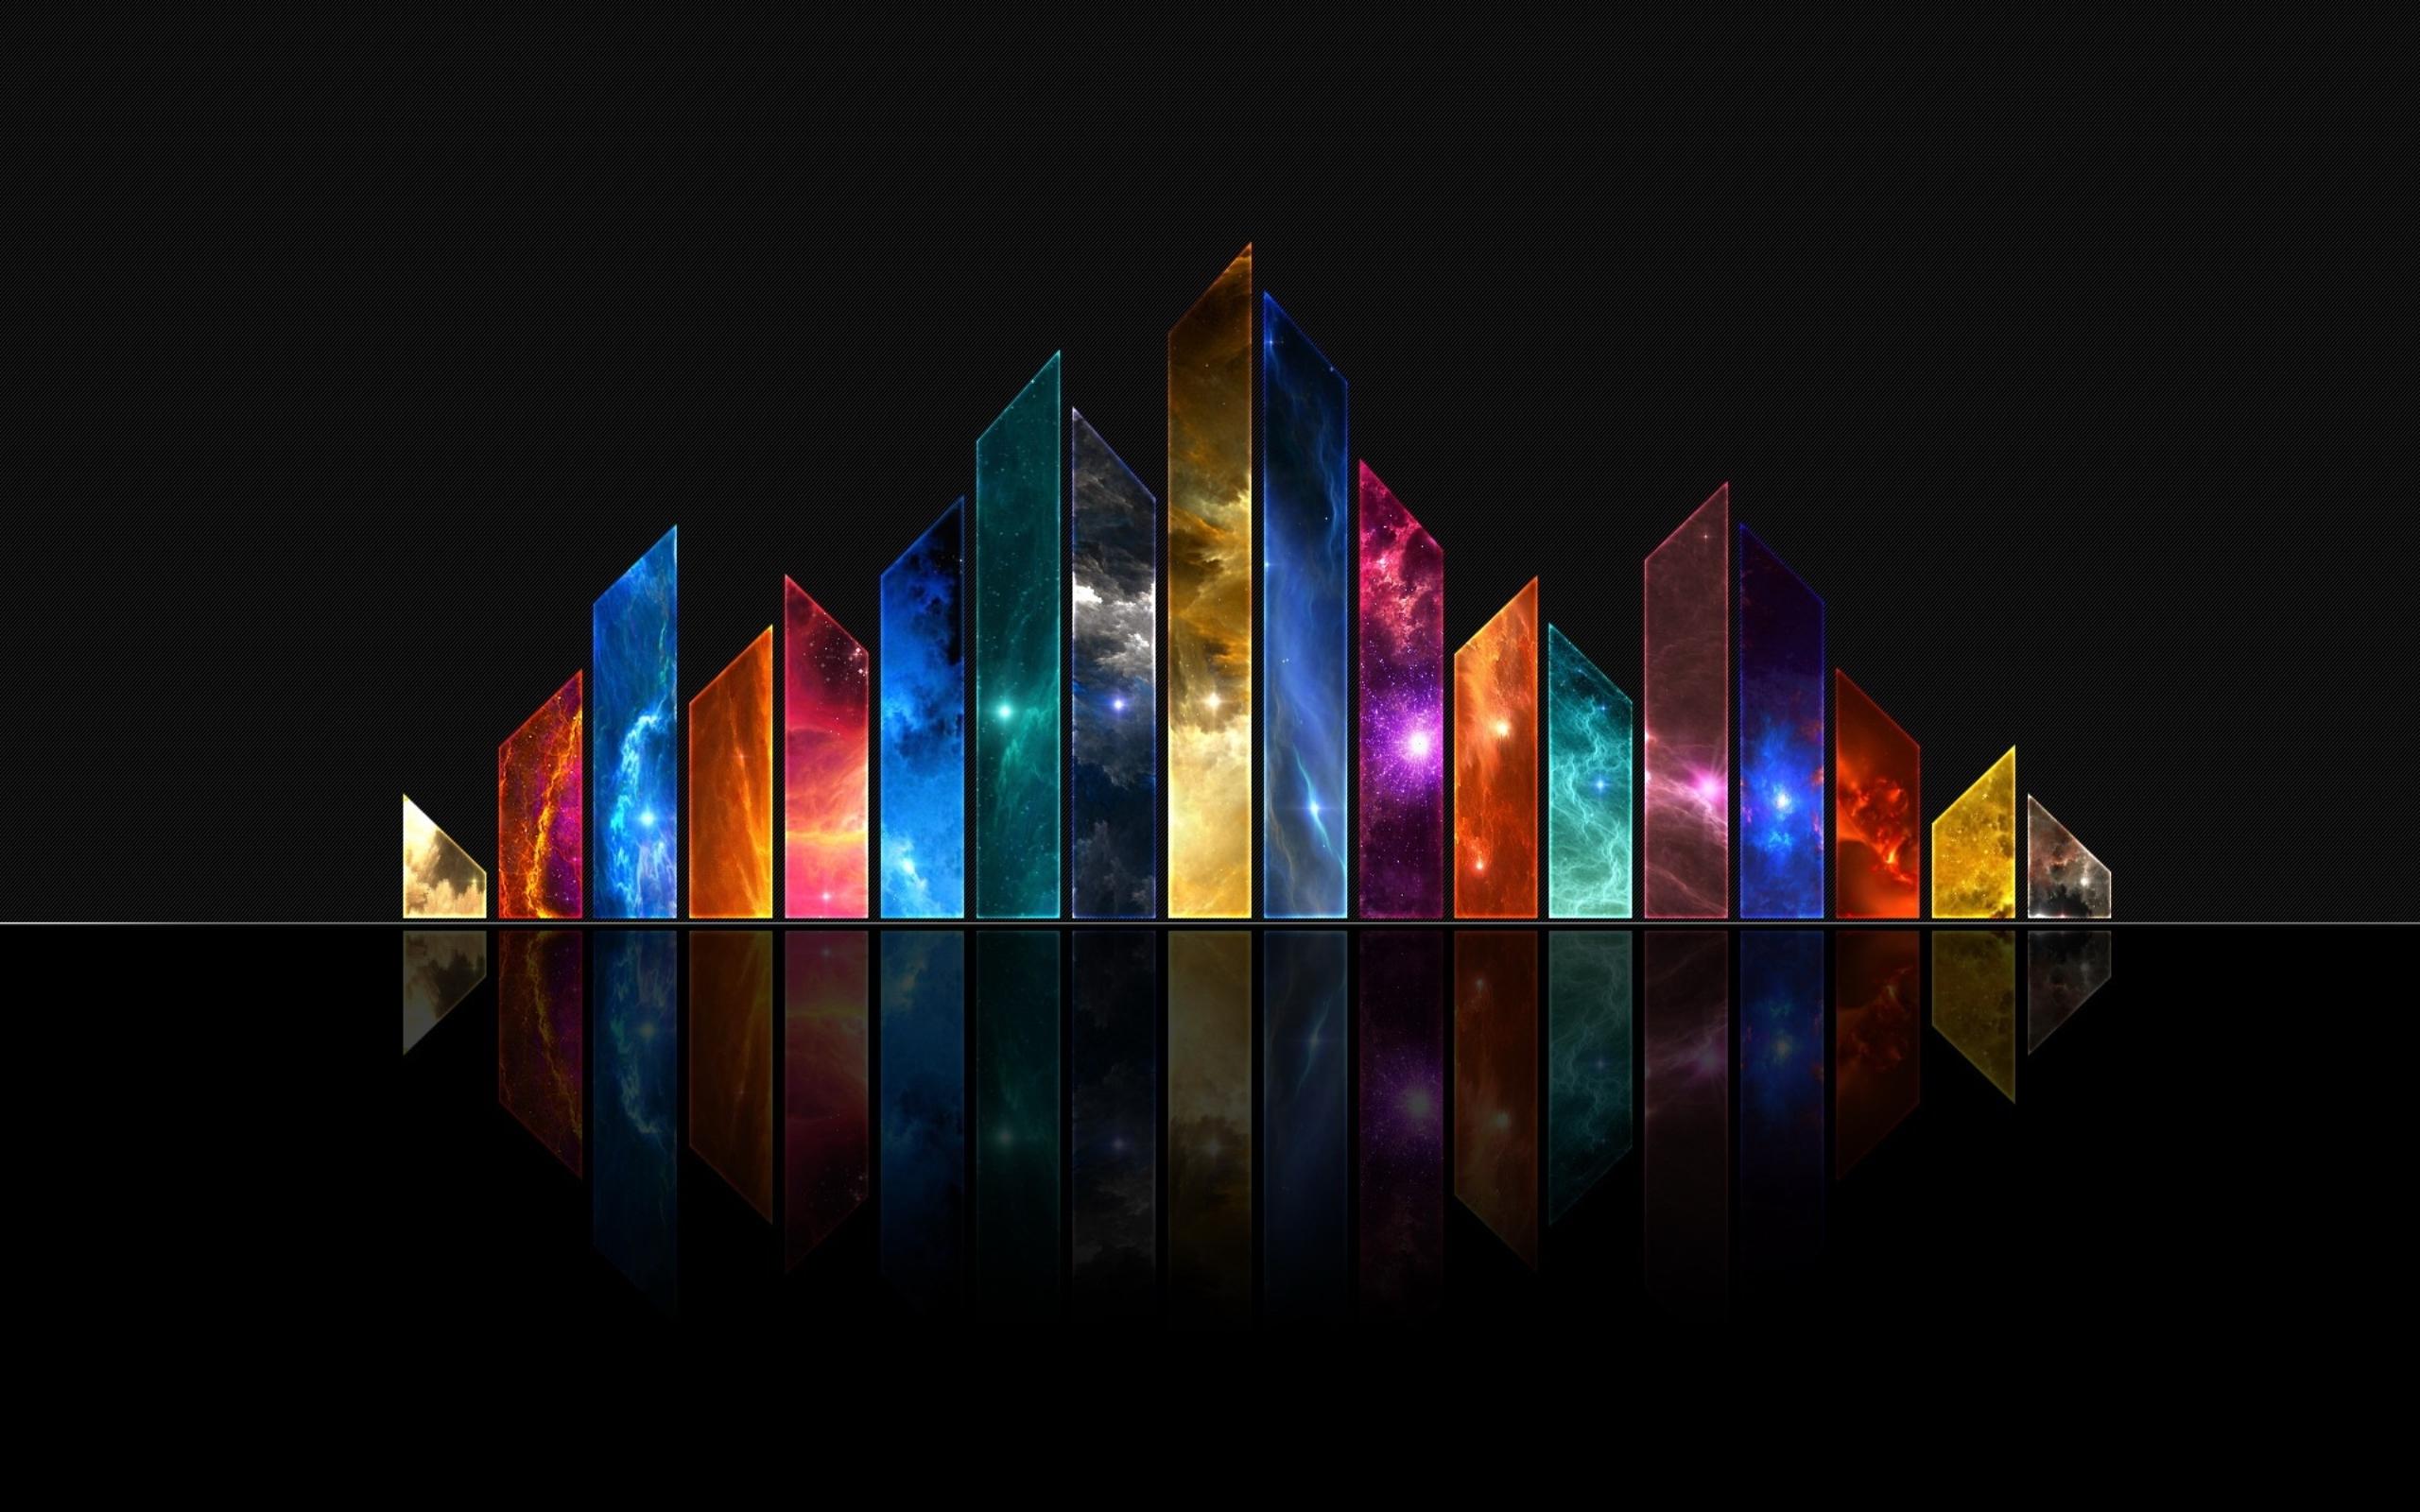 Картинка: Отражение, столбы, разноцветные, звезды